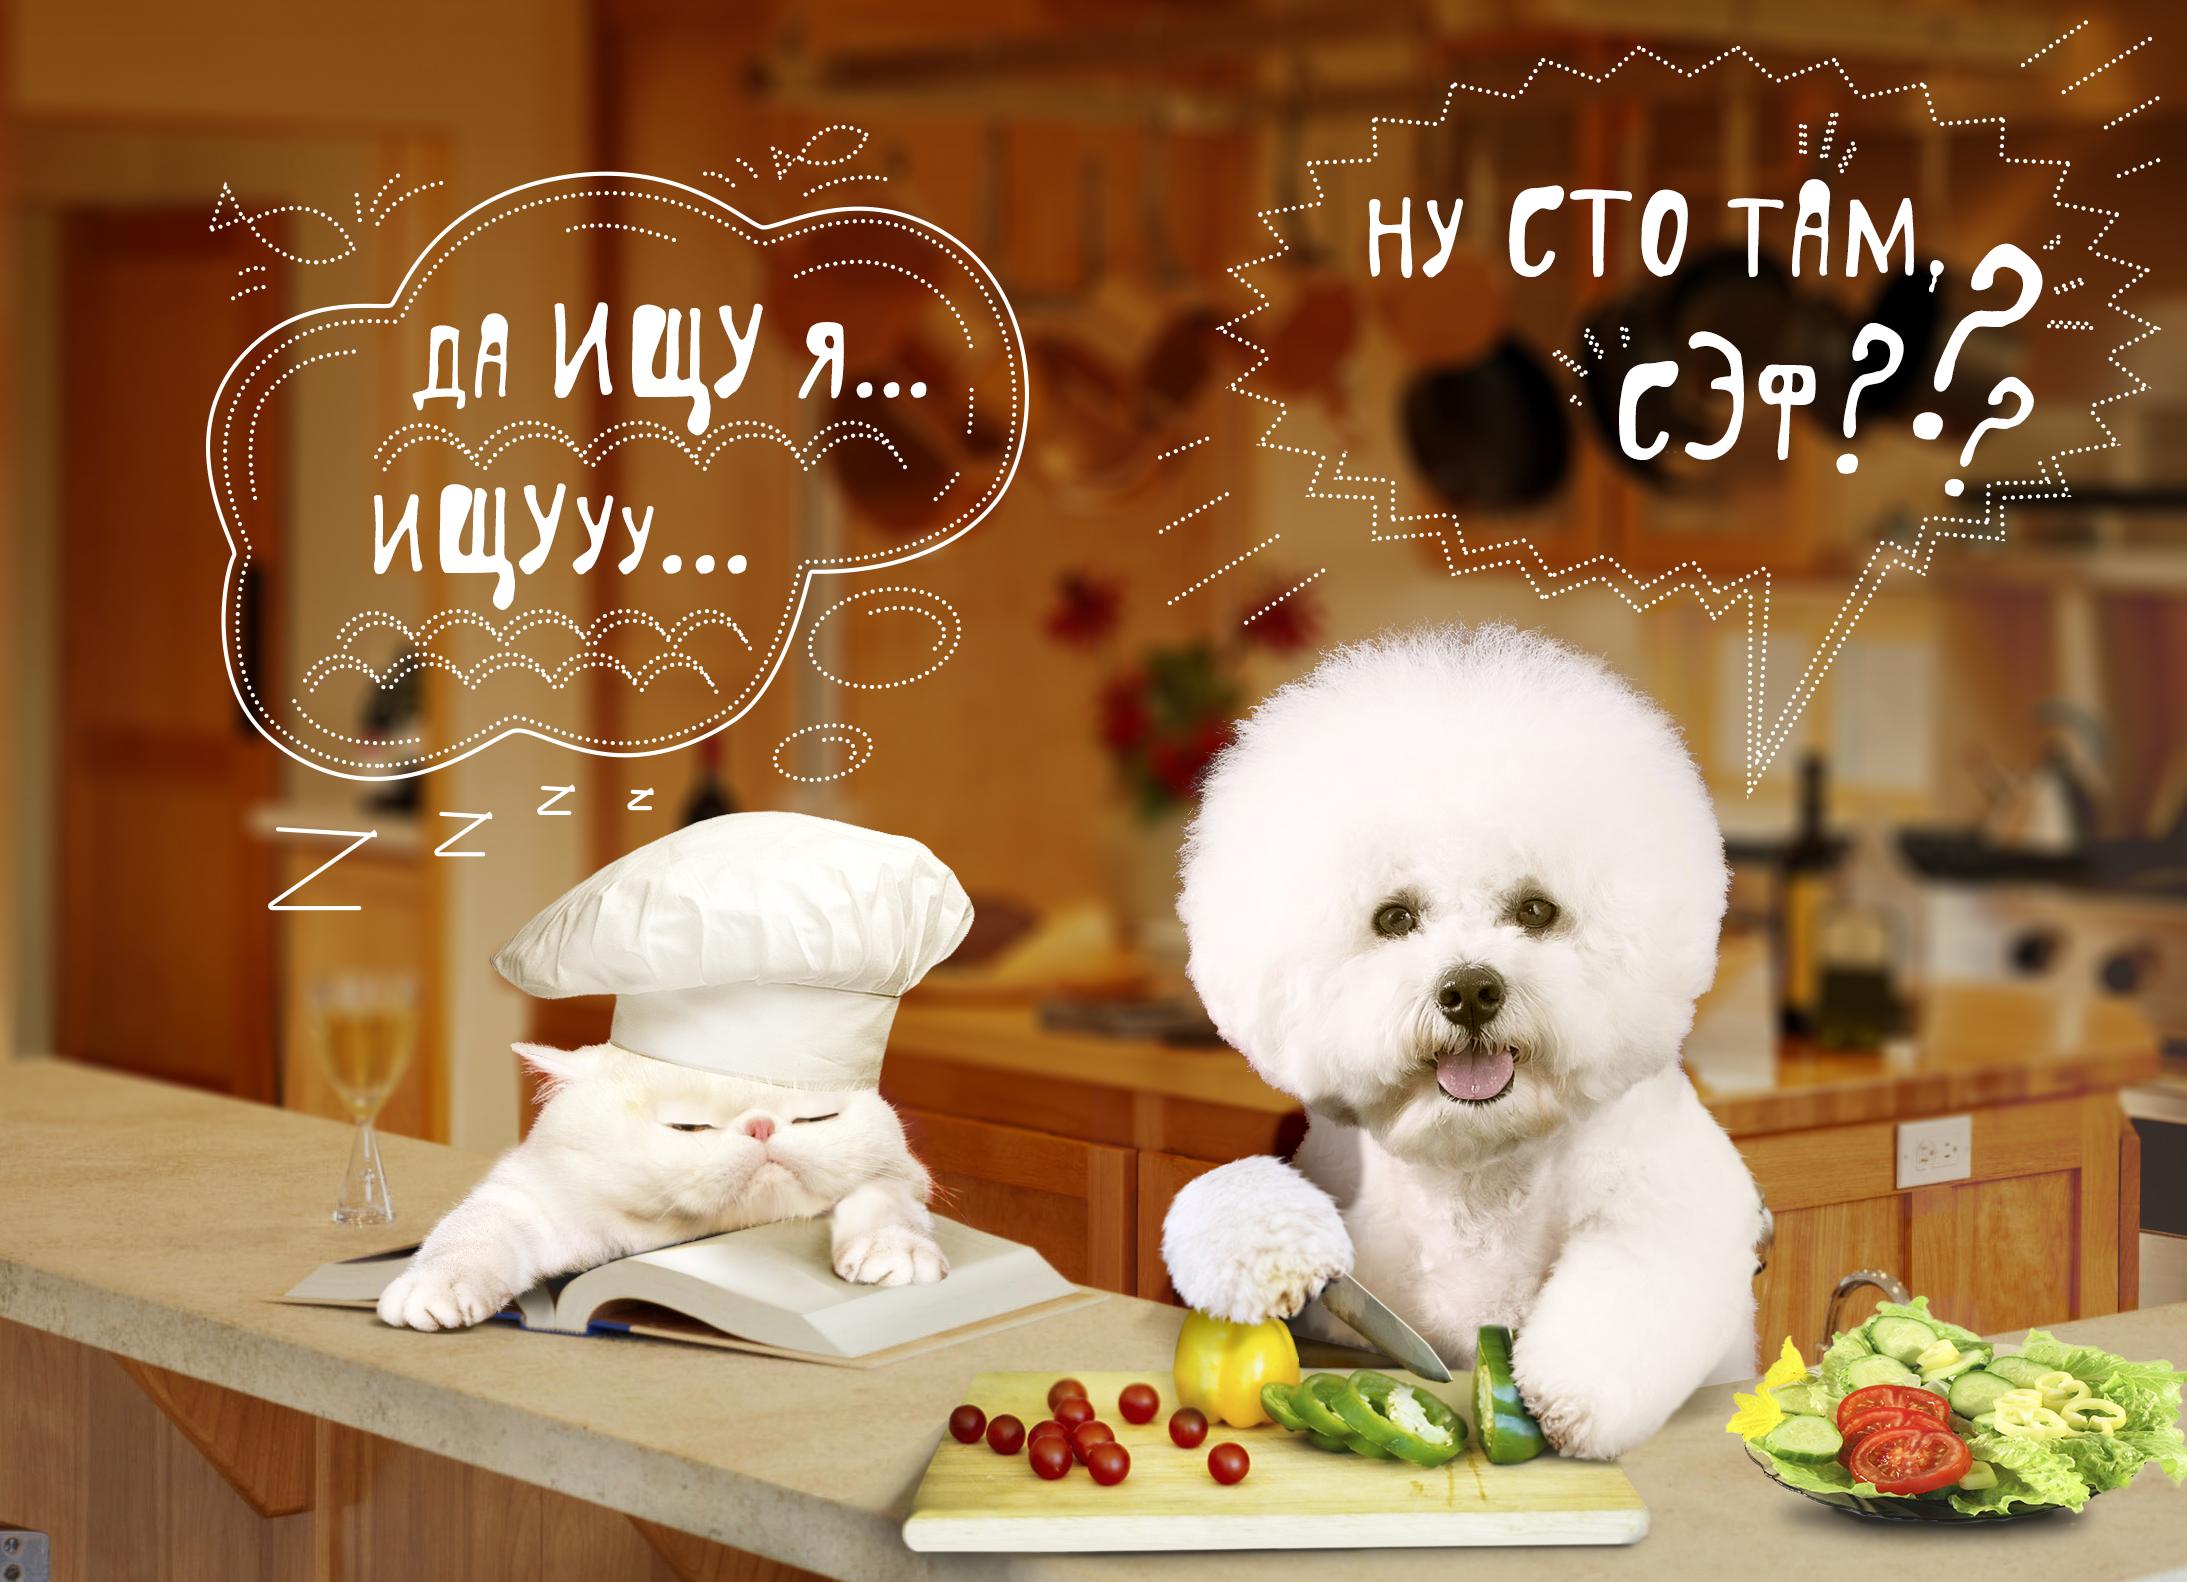 Создать интересный коллаж с участием животных фото f_00151defa027ab47.jpg